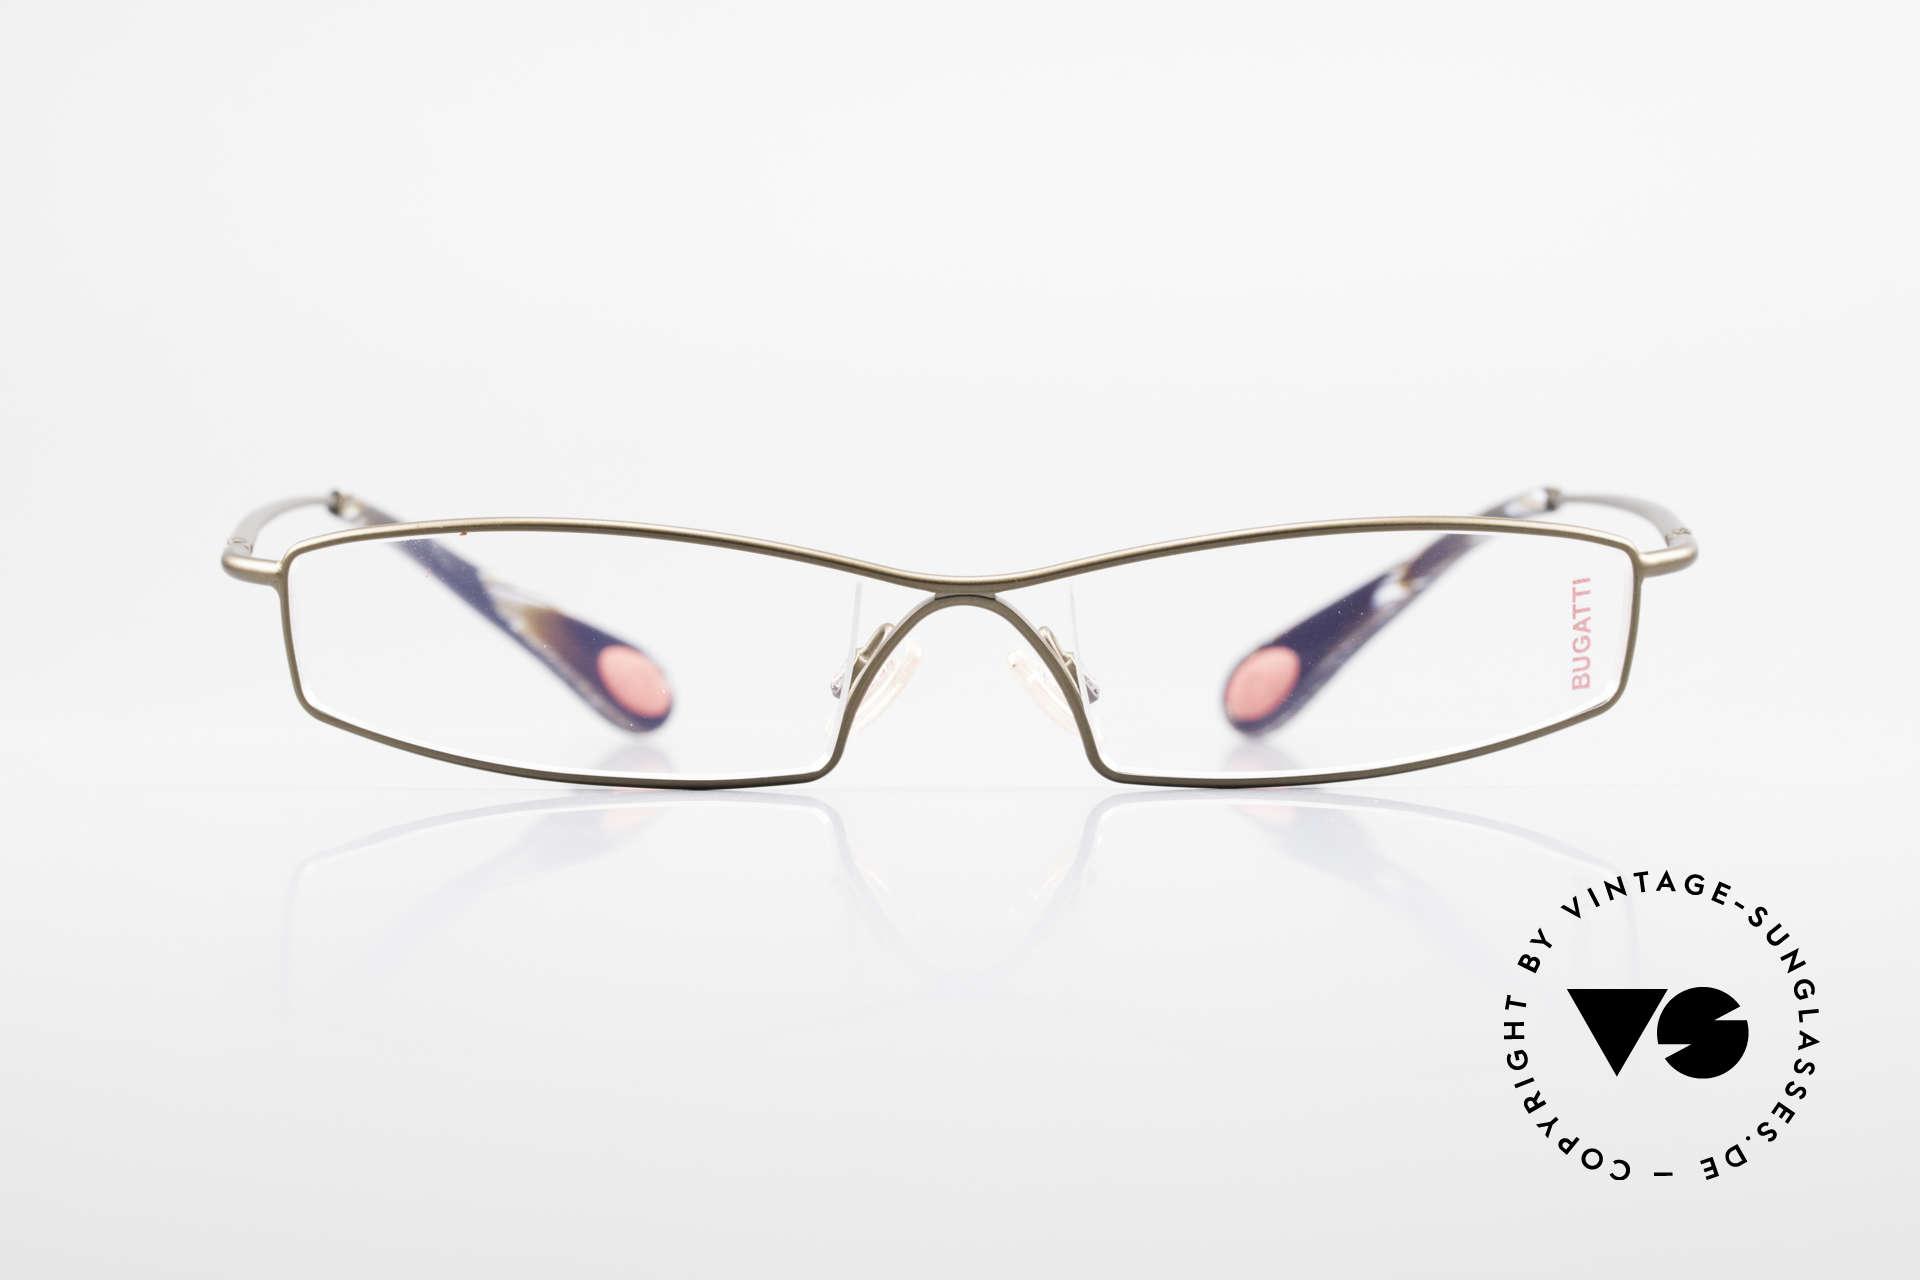 Bugatti 204 Odotype Limited Vintage Luxus Brille, Kleinserie markant männlicher Brillendesigns, Passend für Herren